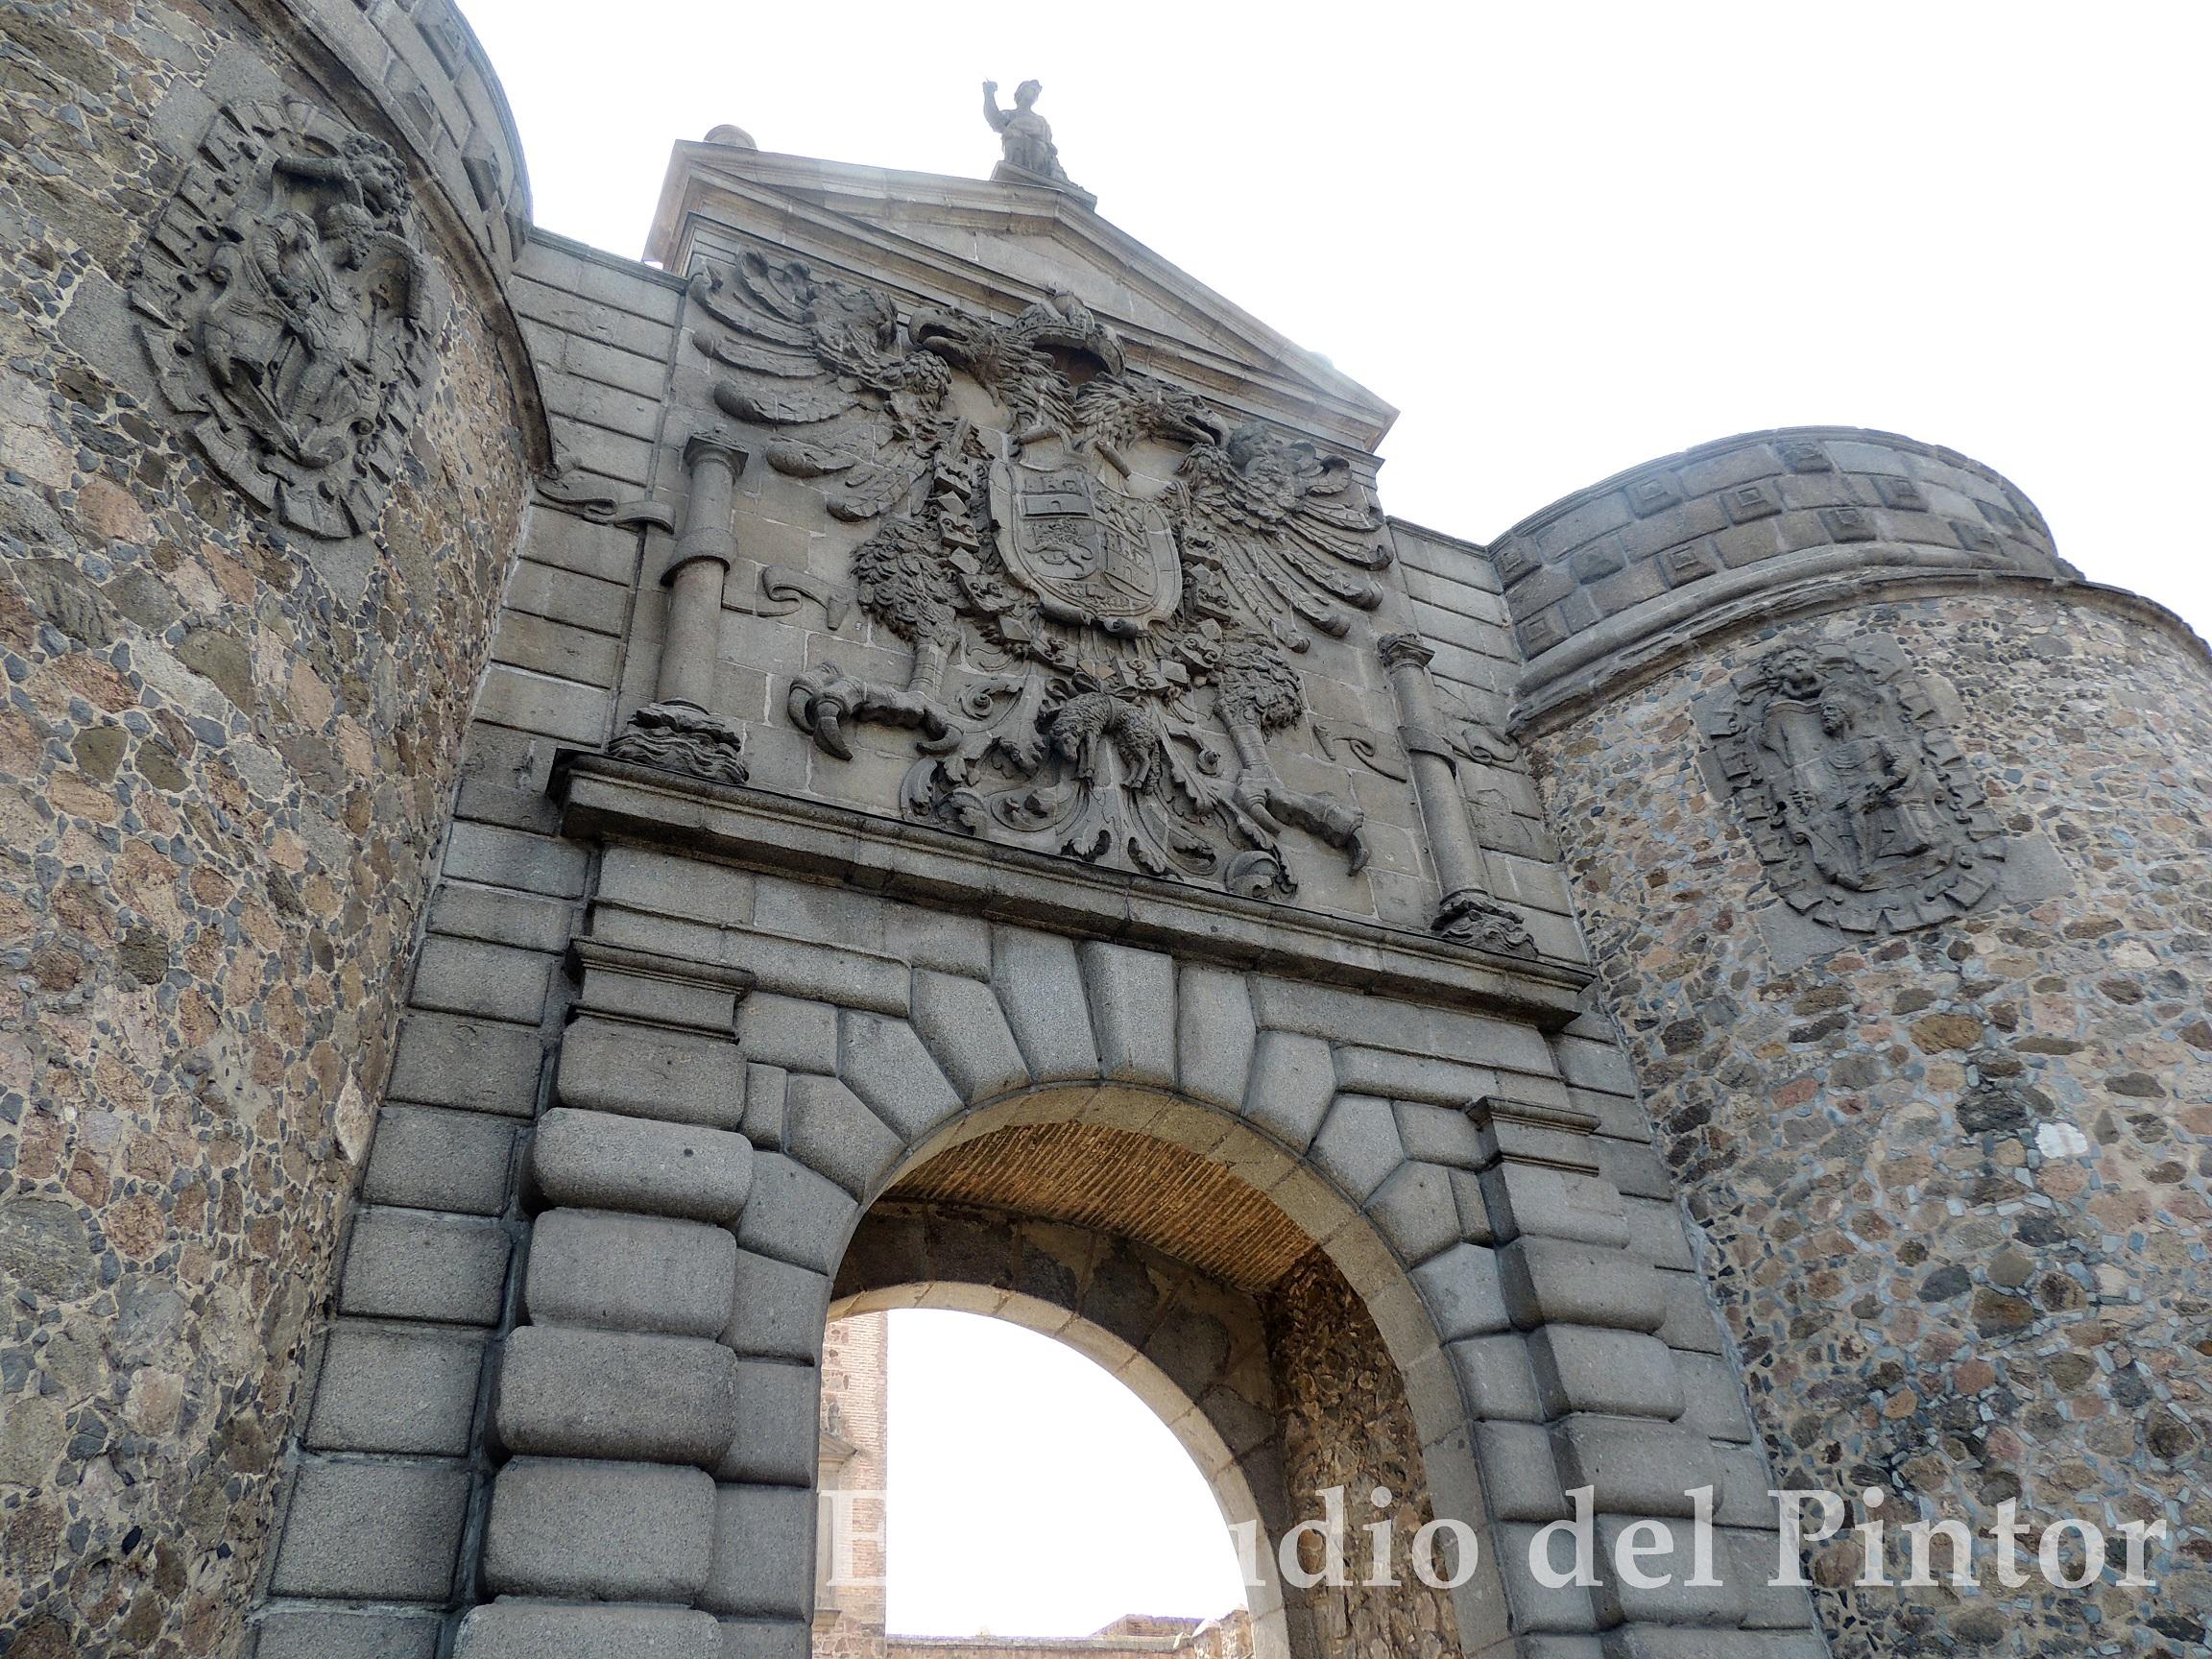 3. Puerta Bisagra